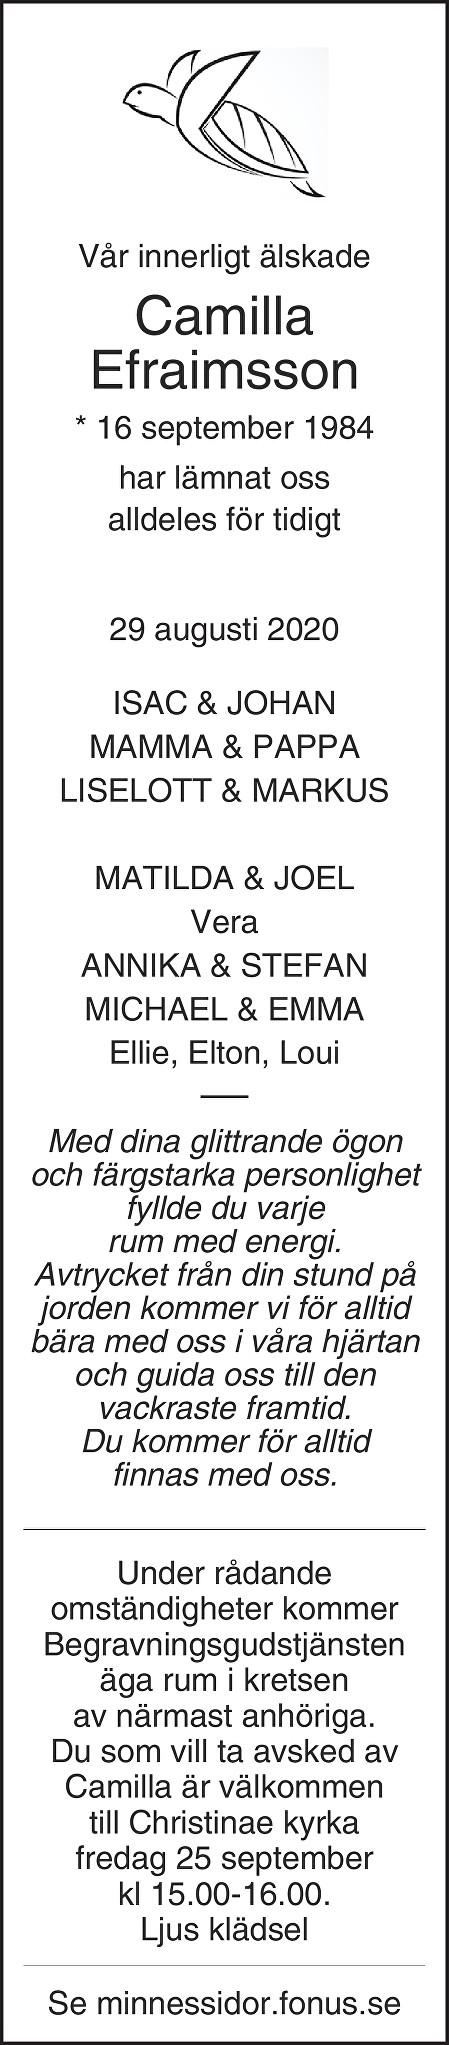 Camilla Efraimsson Death notice